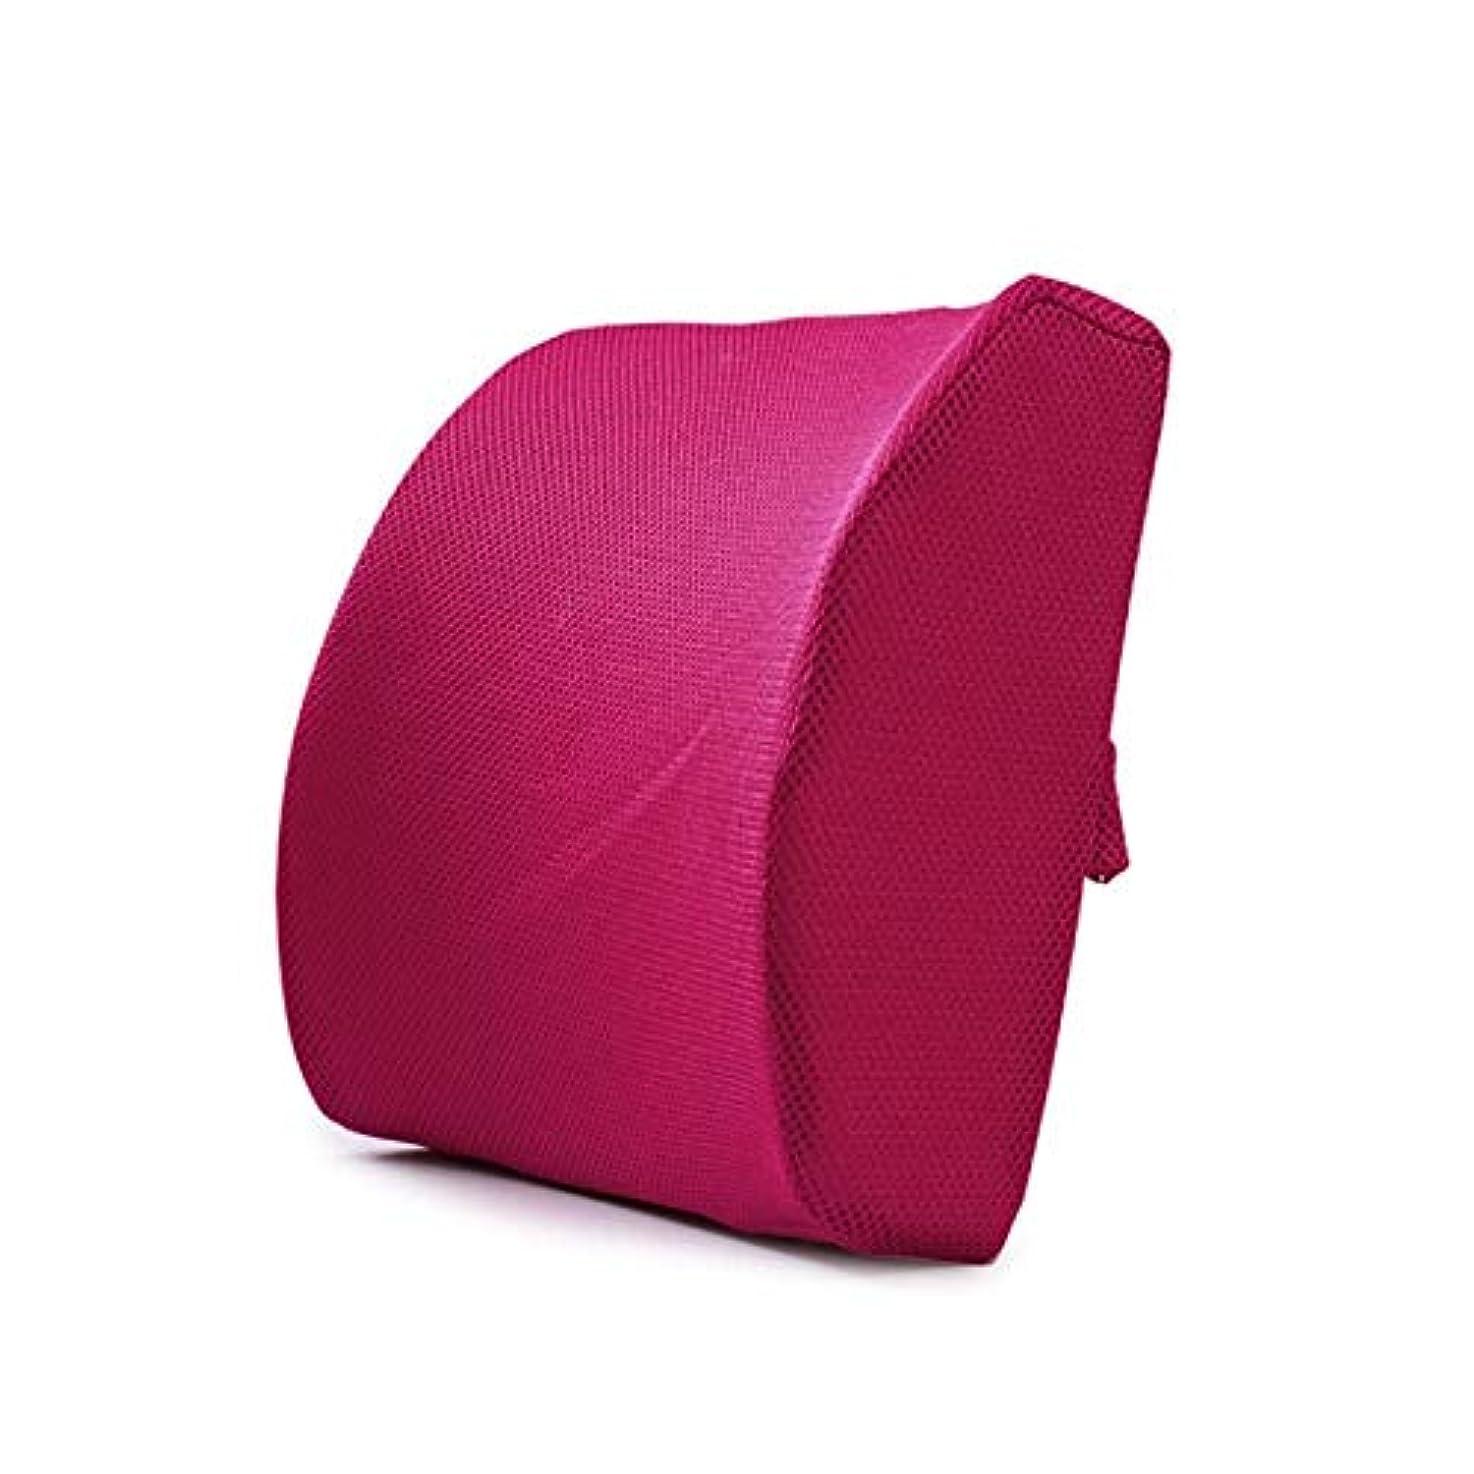 詩人影響を受けやすいです克服するLIFE ホームオフィス背もたれ椅子腰椎クッションカーシートネック枕 3D 低反発サポートバックマッサージウエストレスリビング枕 クッション 椅子